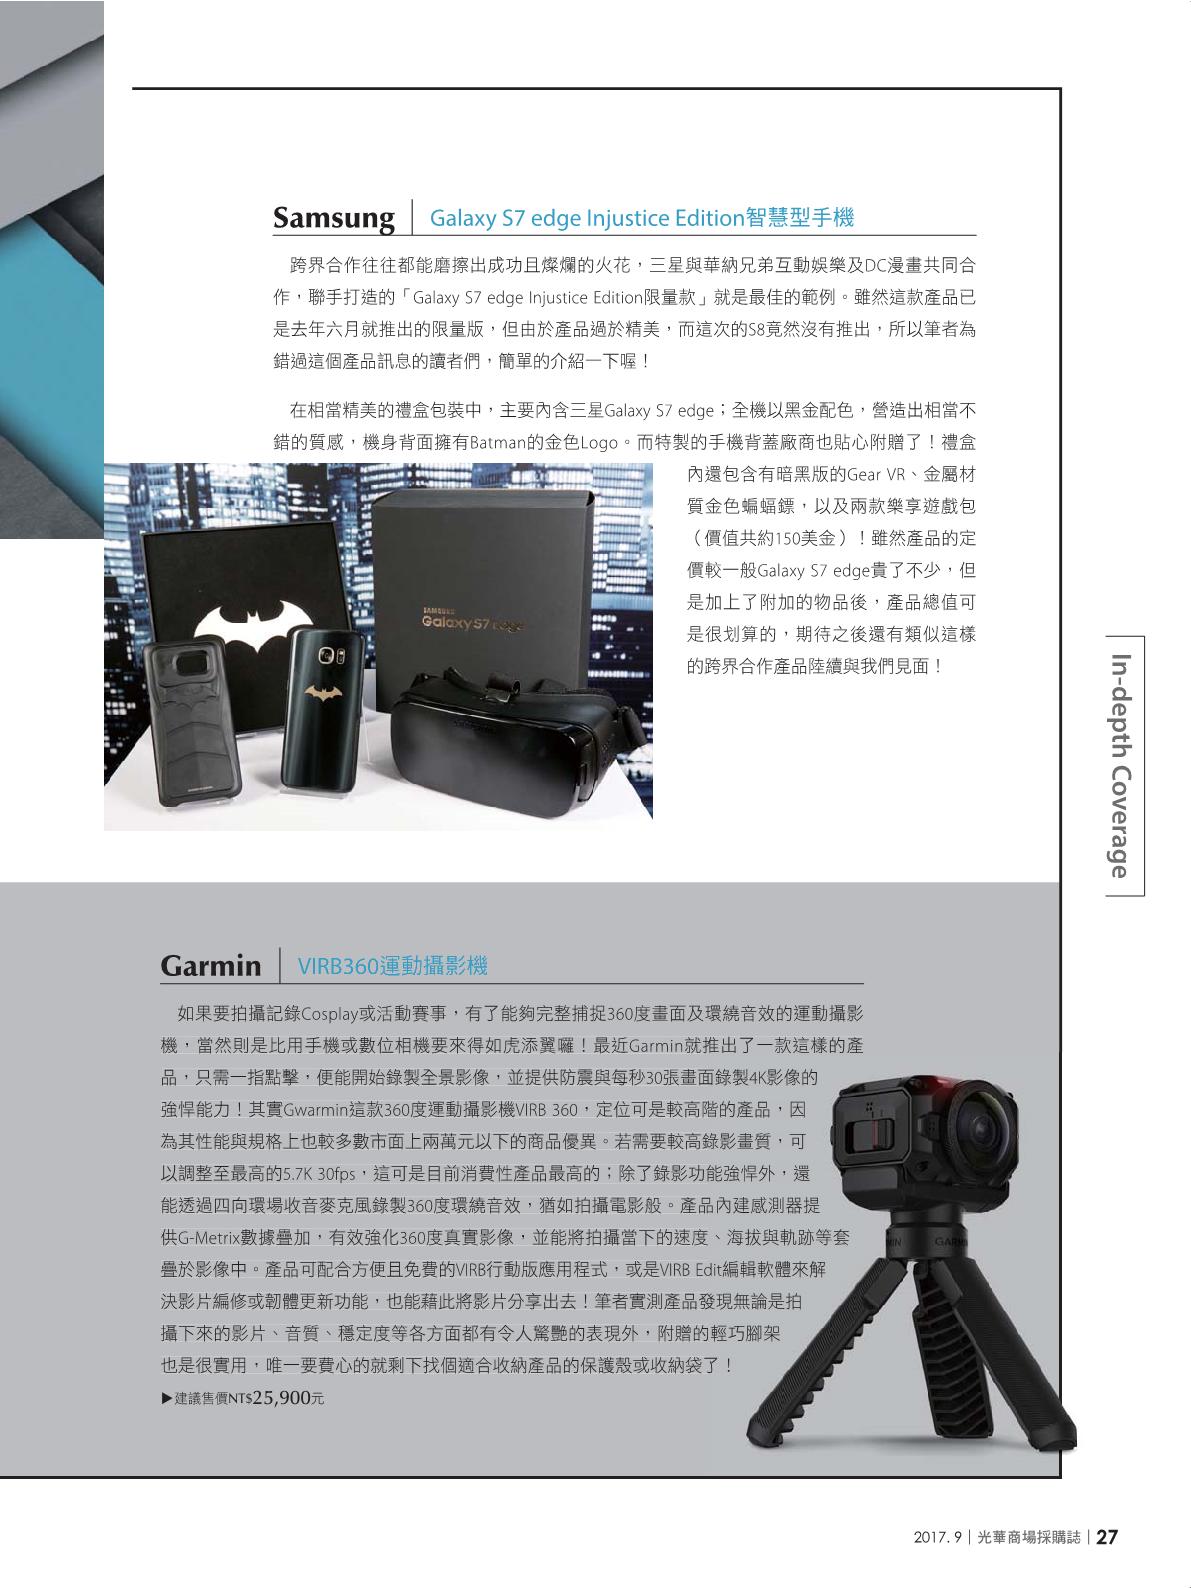 光華商場採購誌2017年9月號29.png